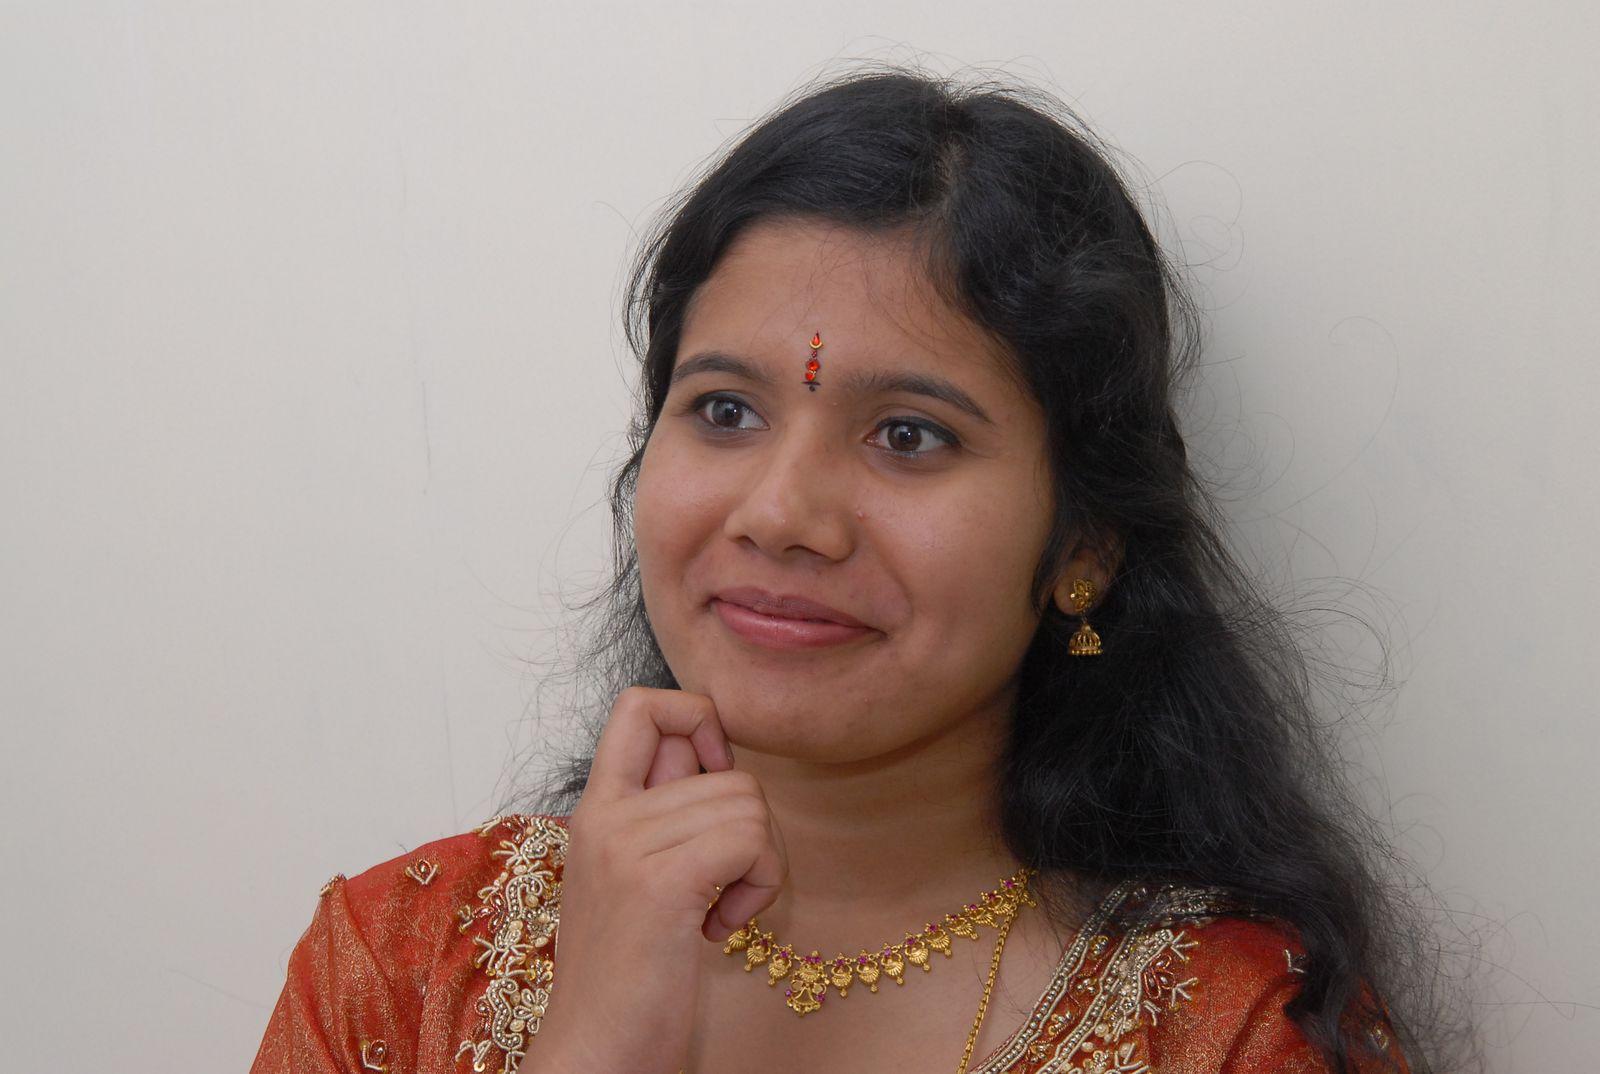 Indian Girls Nighty Jpg Download Gambar Foto Zonatrix CoM